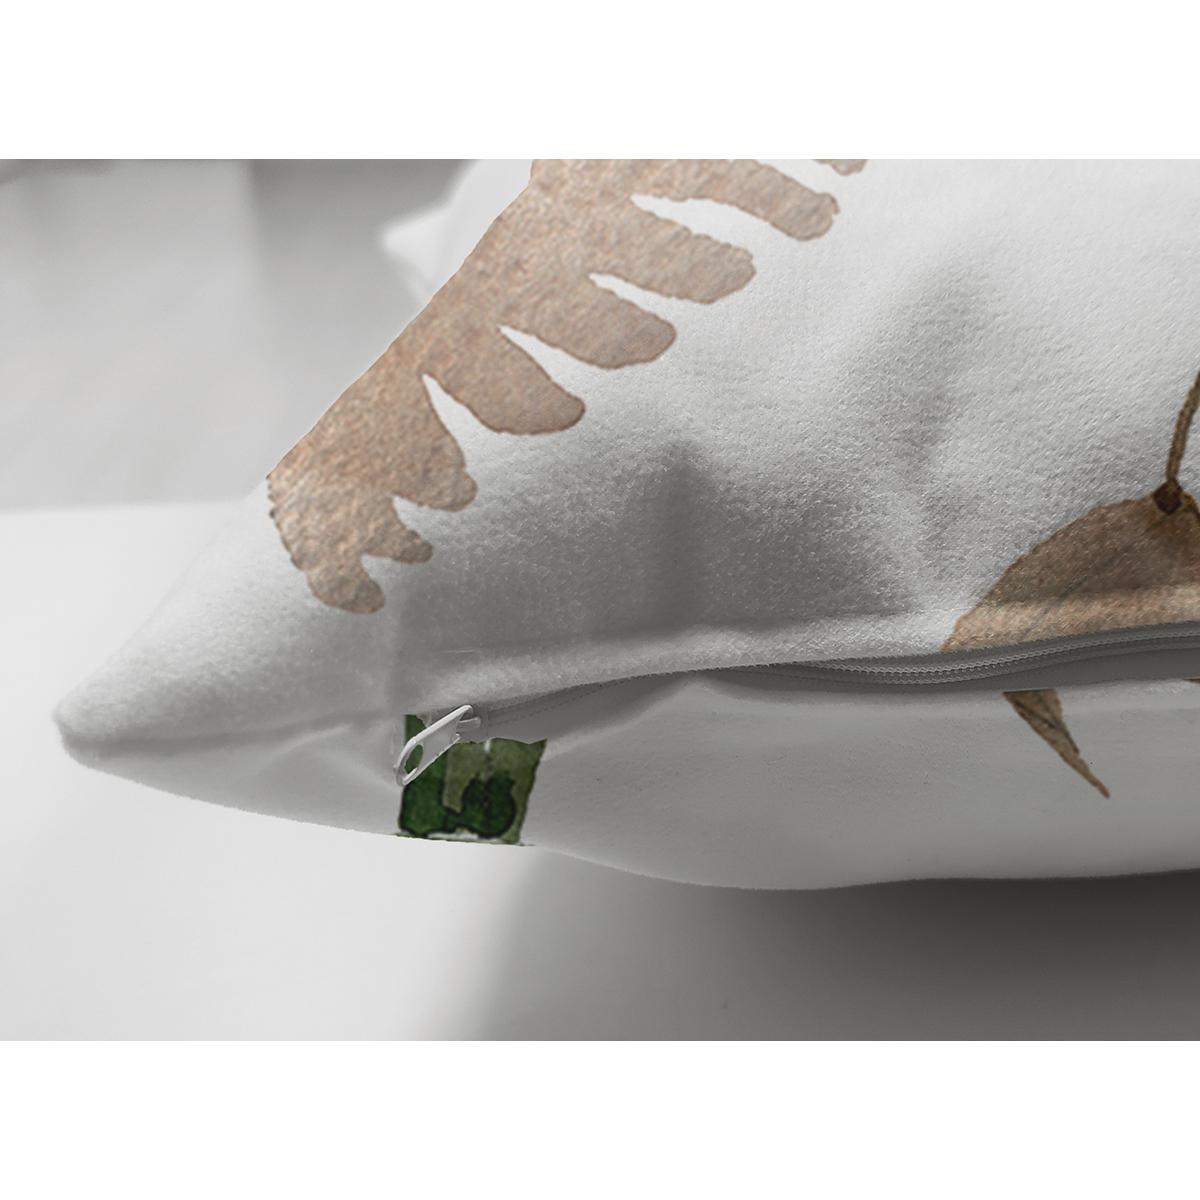 Çift Taraflı Beyaz Zemin Üzerinde Çiçek Desenli Dijital Baskılı Modern Süet Yastık Kırlent Kılıfı Realhomes